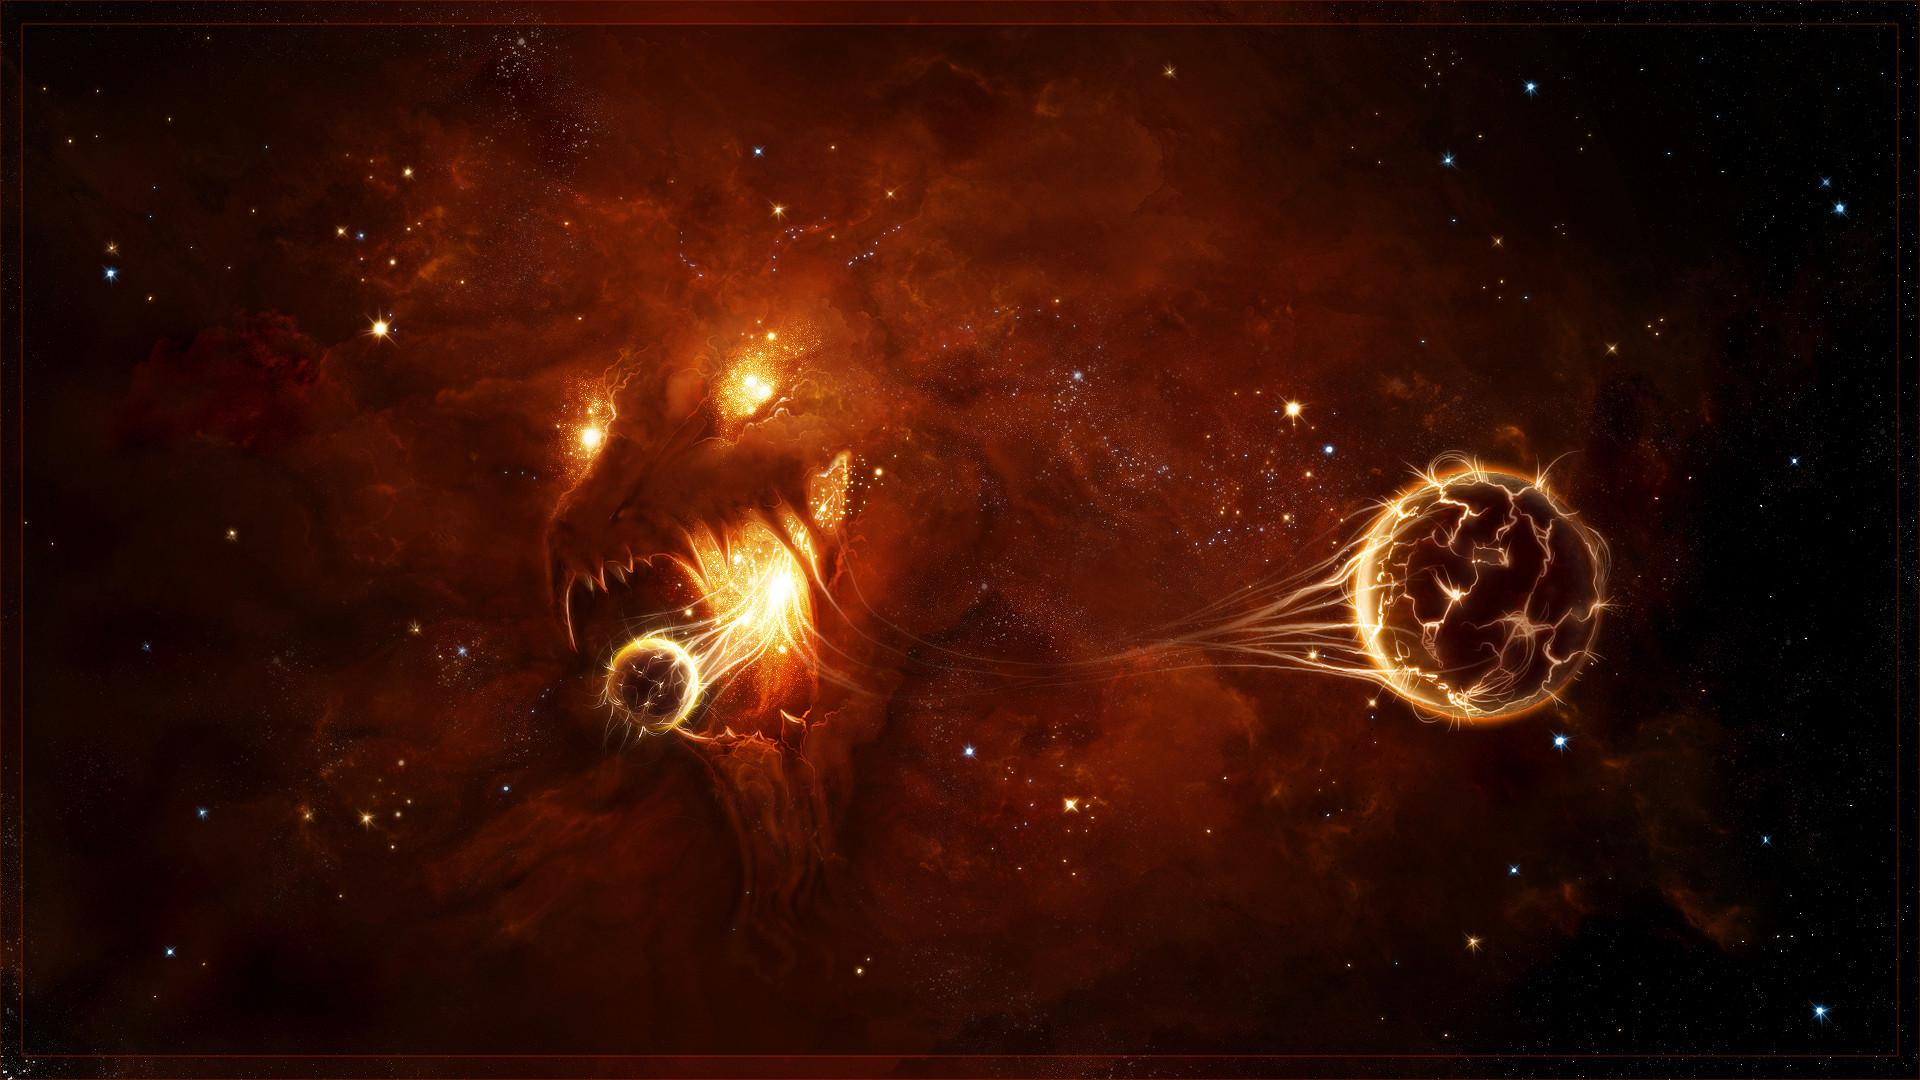 Space Dragon 2